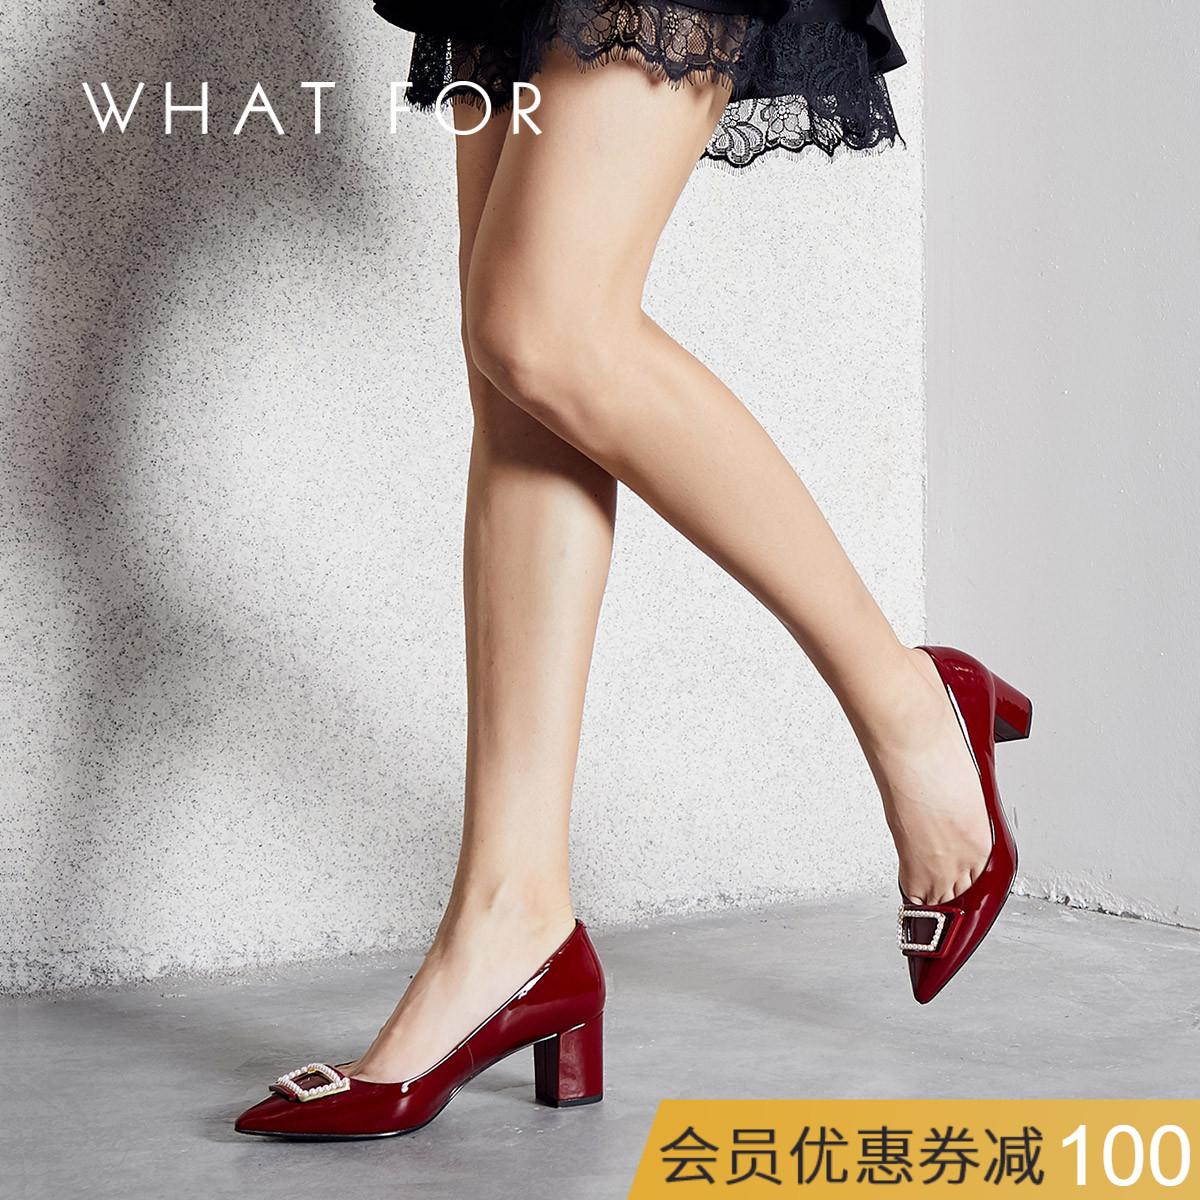 WHAT FOR2018秋季新款羊皮漆皮珍珠时尚尖头粗跟高跟鞋女单鞋婚鞋